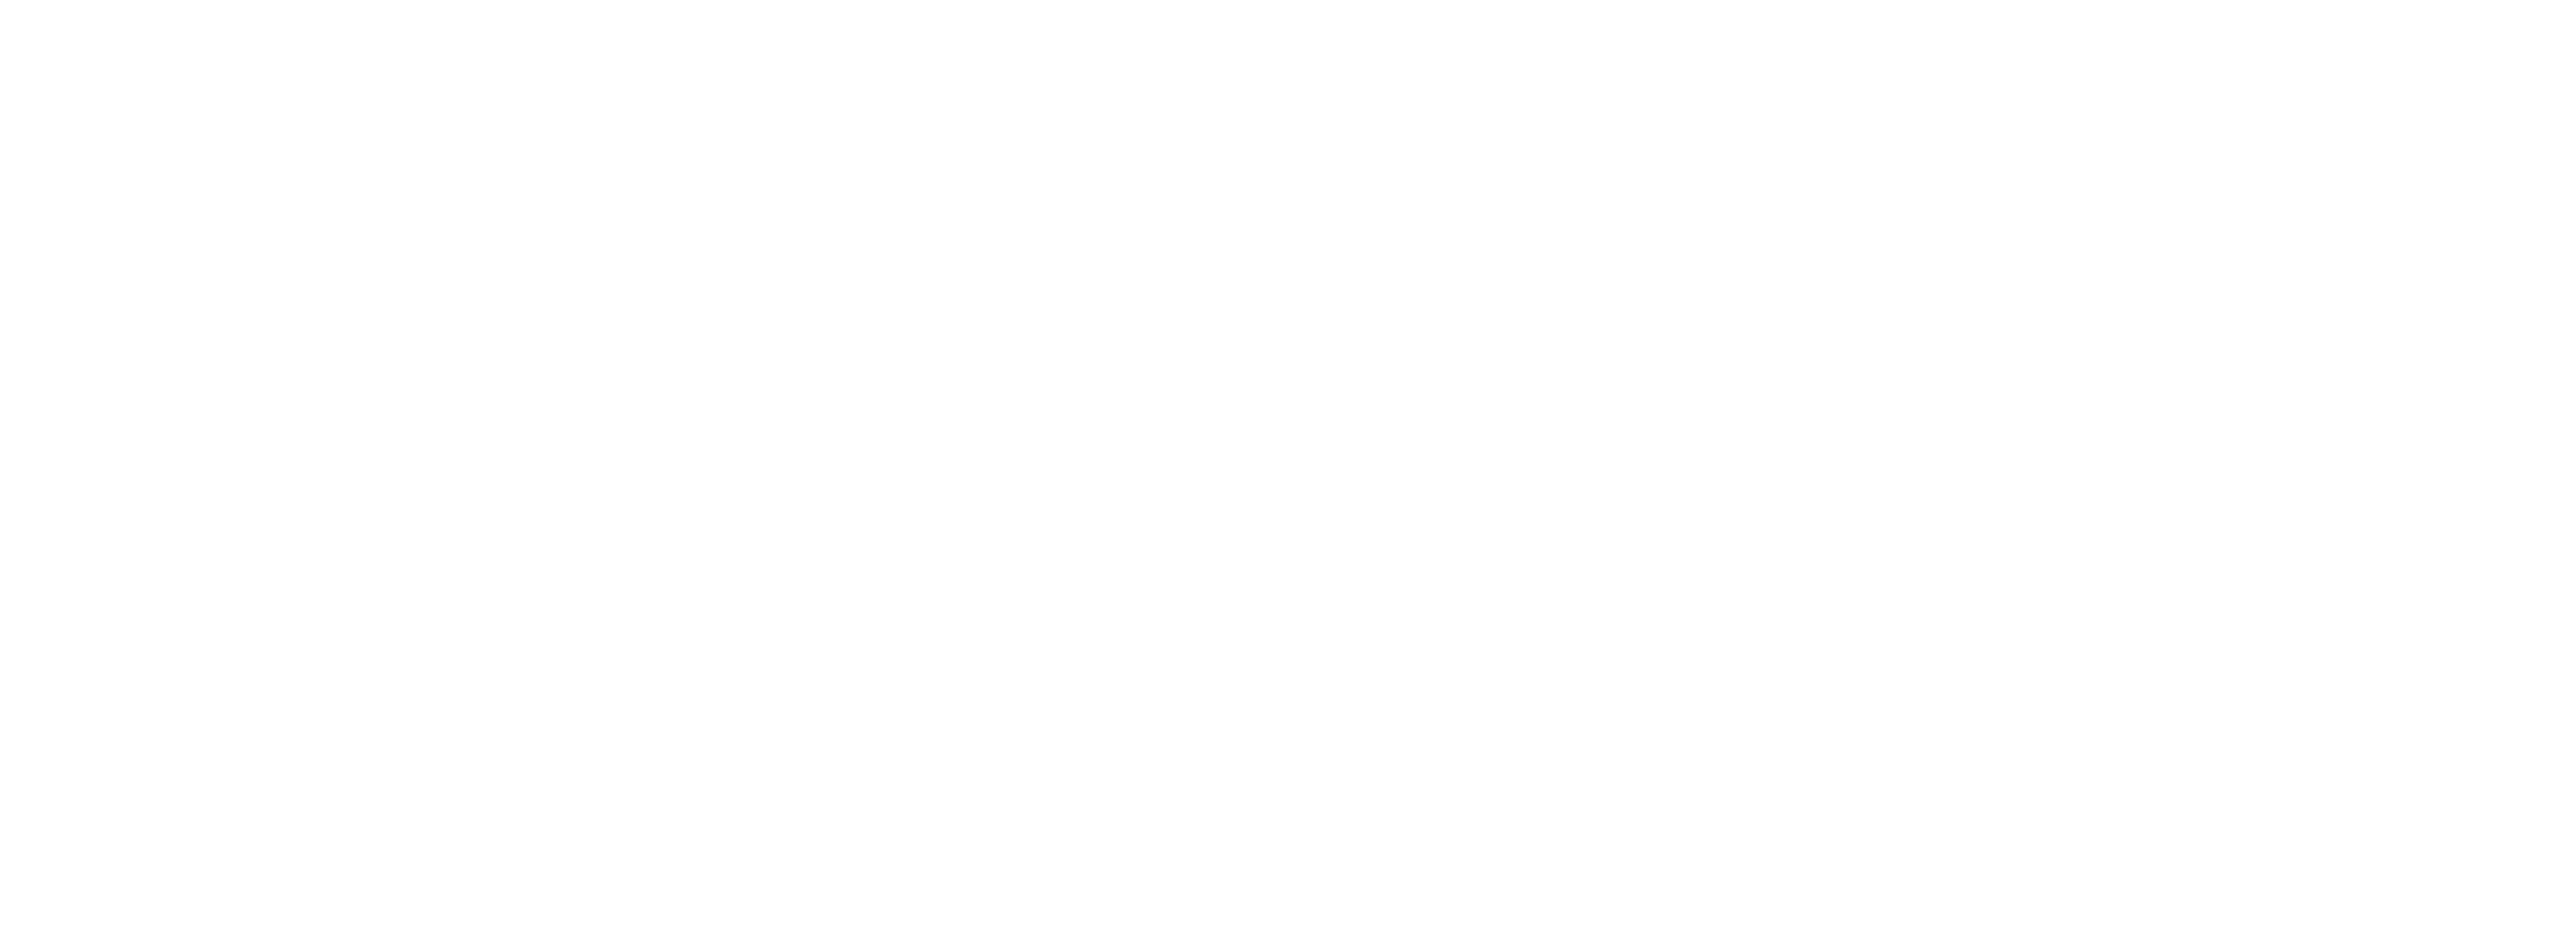 WBENC Logot